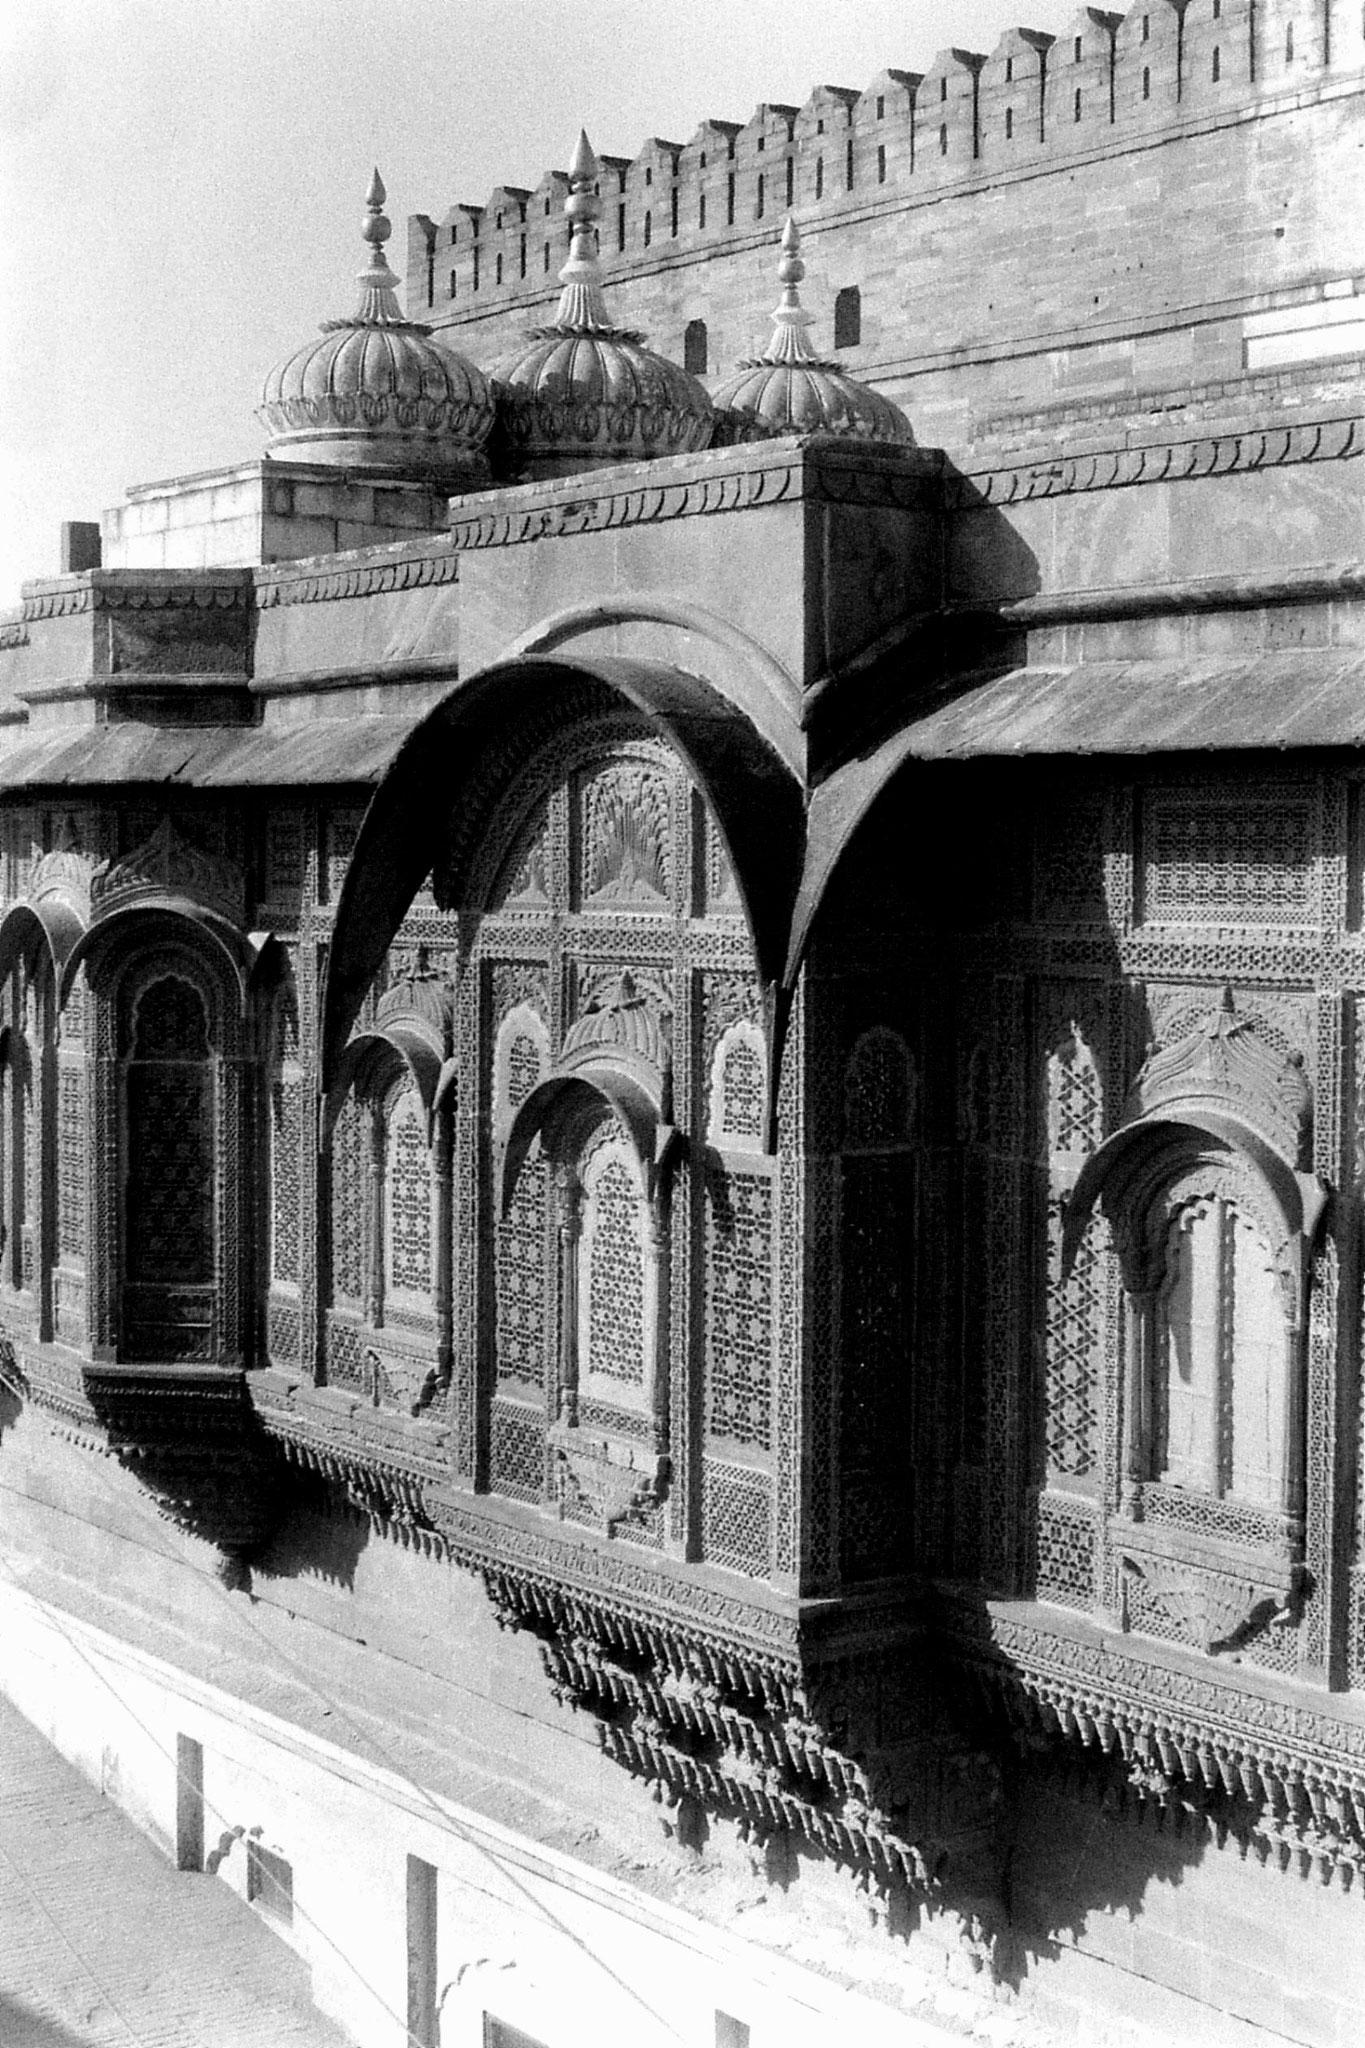 28/11/1989: 0: Jodhpur